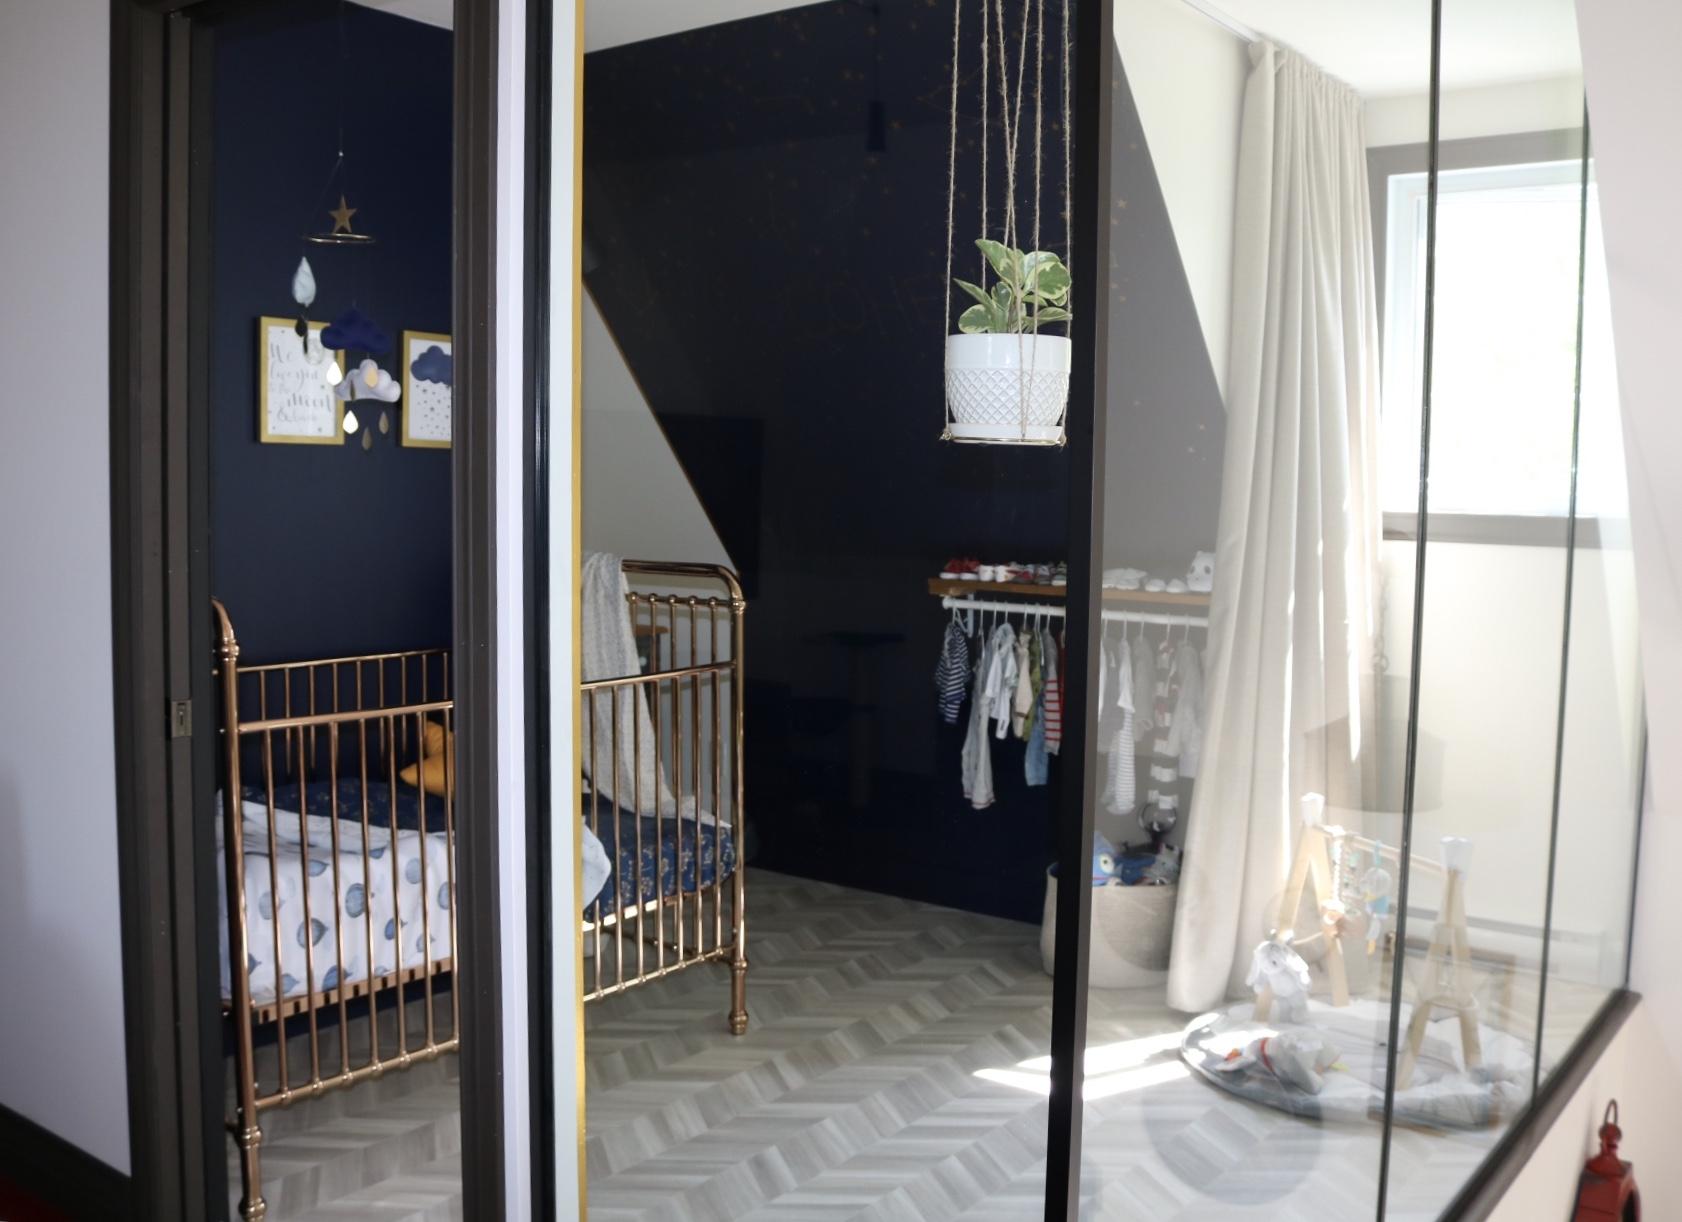 Réalisation design d'intérieur résidentielle La nocturne chambre bébé bleu ETC 2019